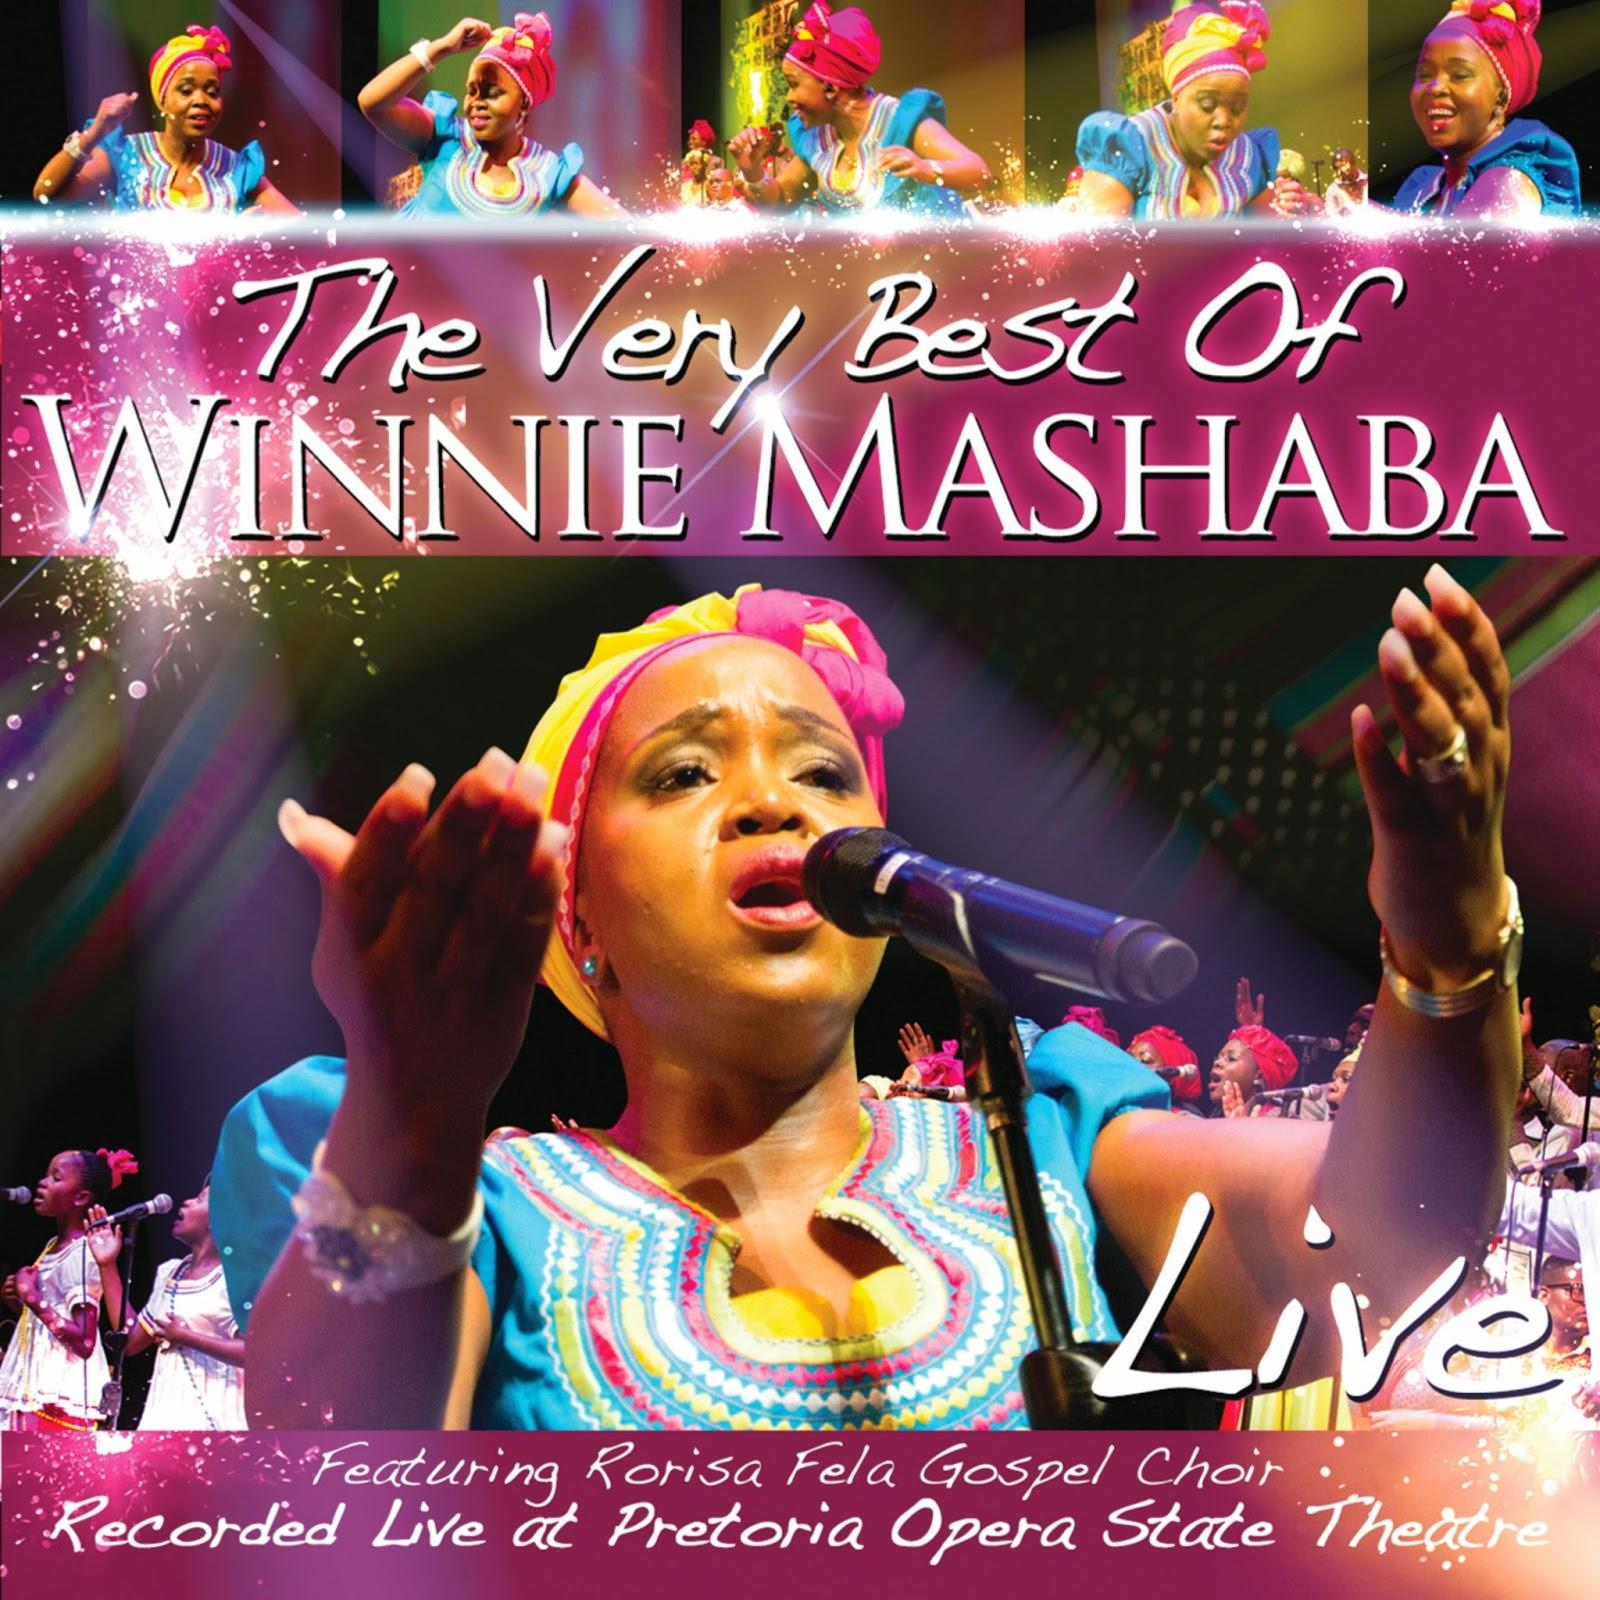 Winnie Mashaba New Song 2019: CD! Winnie Mashaba